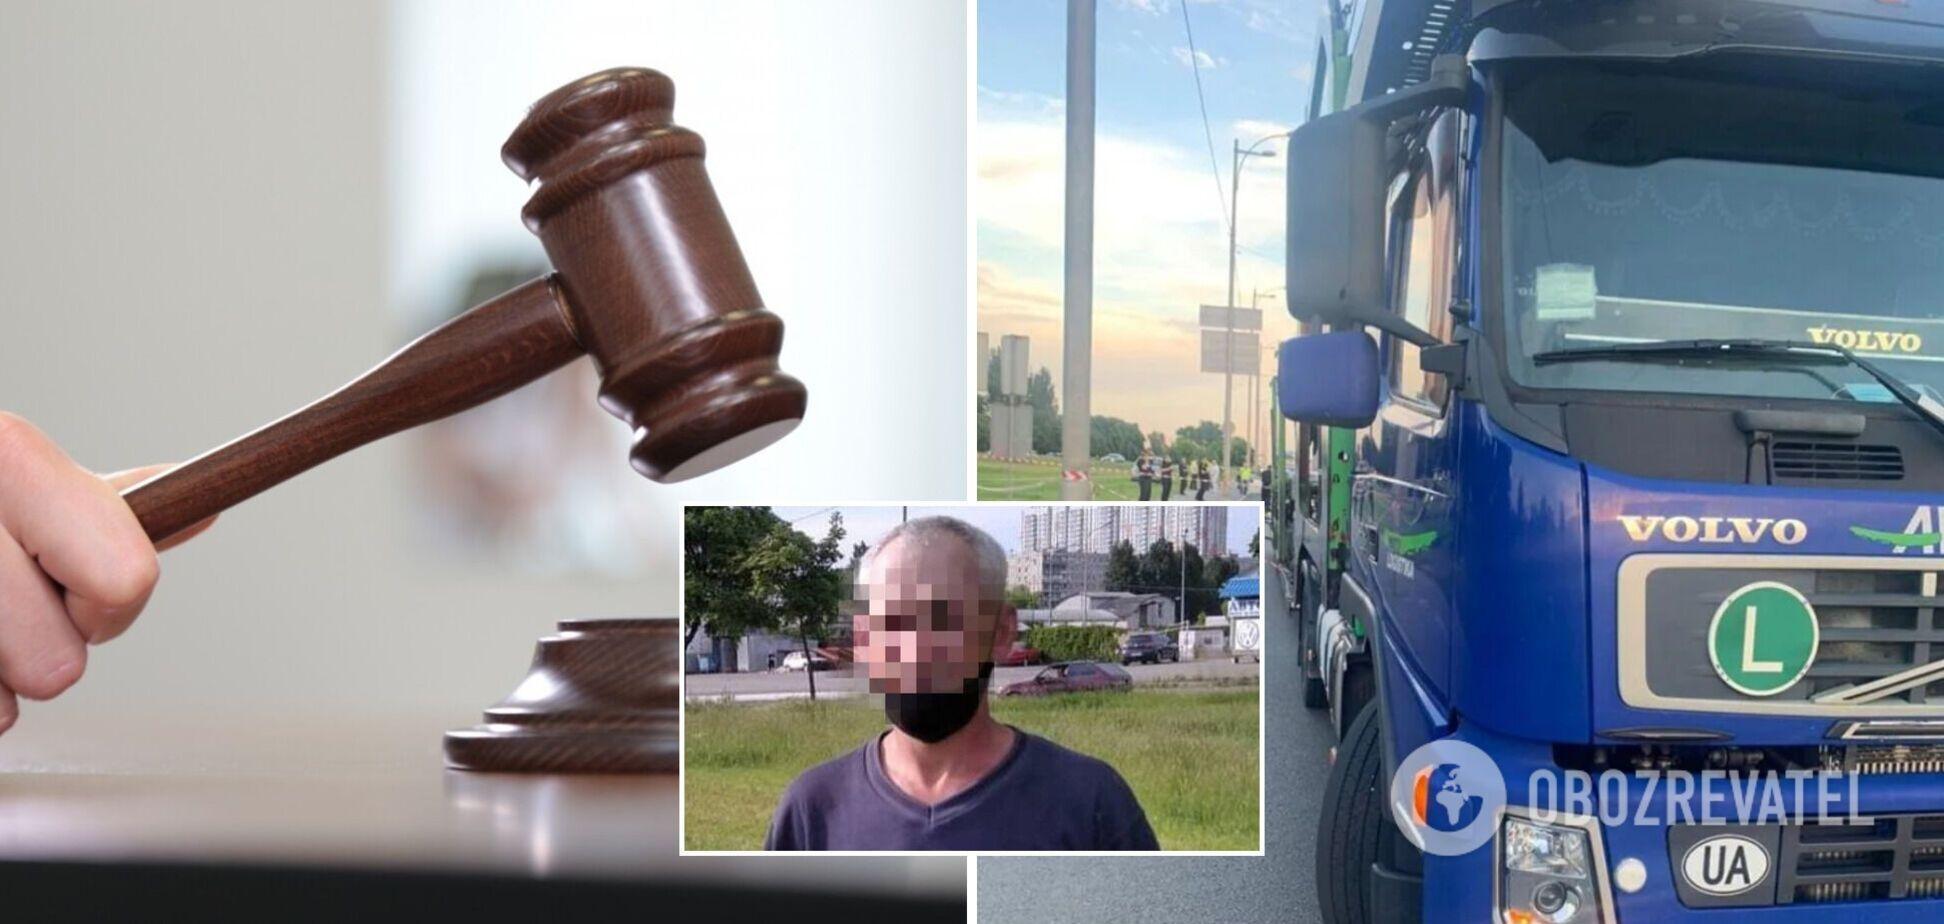 Пішохода, який штовхнув чоловіка під вантажівку у Києві, заарештували. Фото